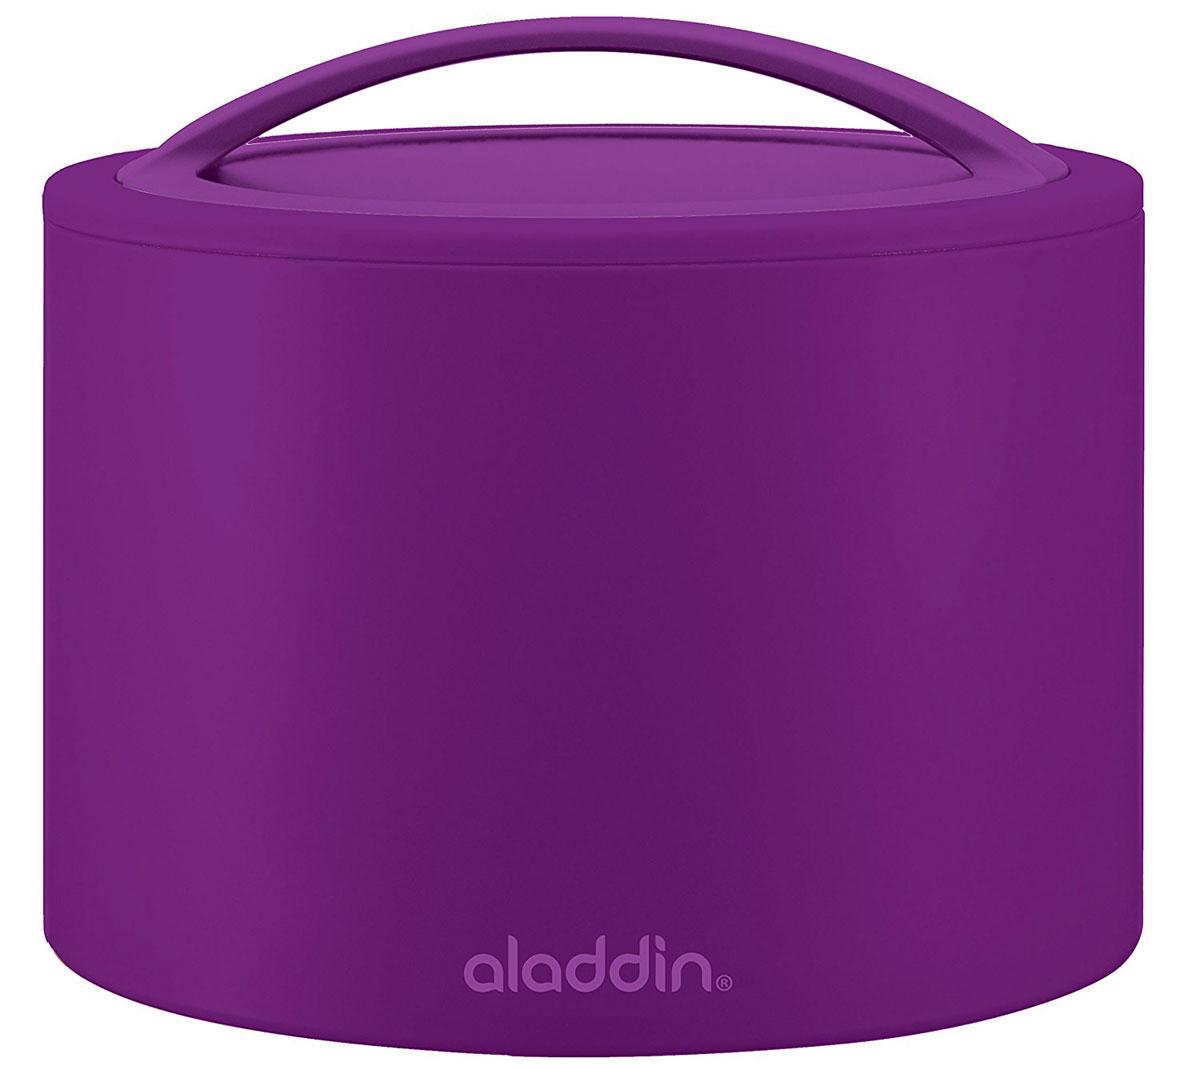 Ланч-бокс Aladdin Bento, цвет: фиолетовый, 0,6 л бокс рский мешок не наполненный